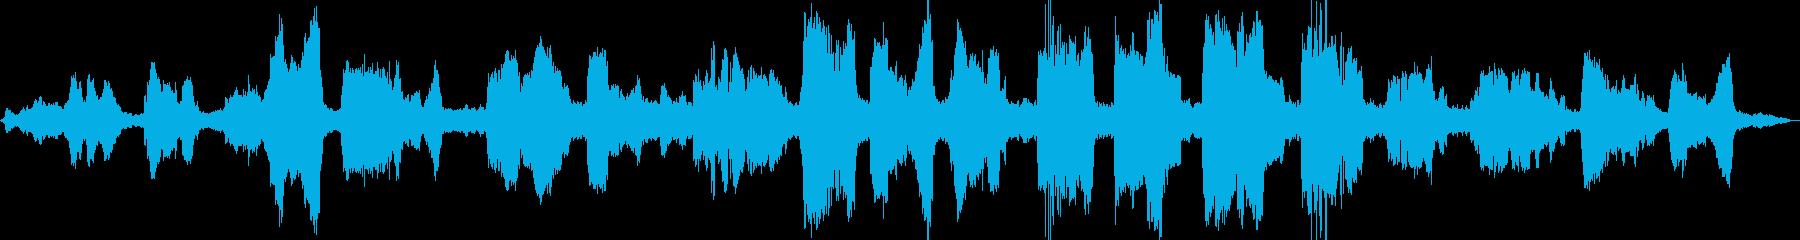 アラブ センチメンタル 感情的 説...の再生済みの波形